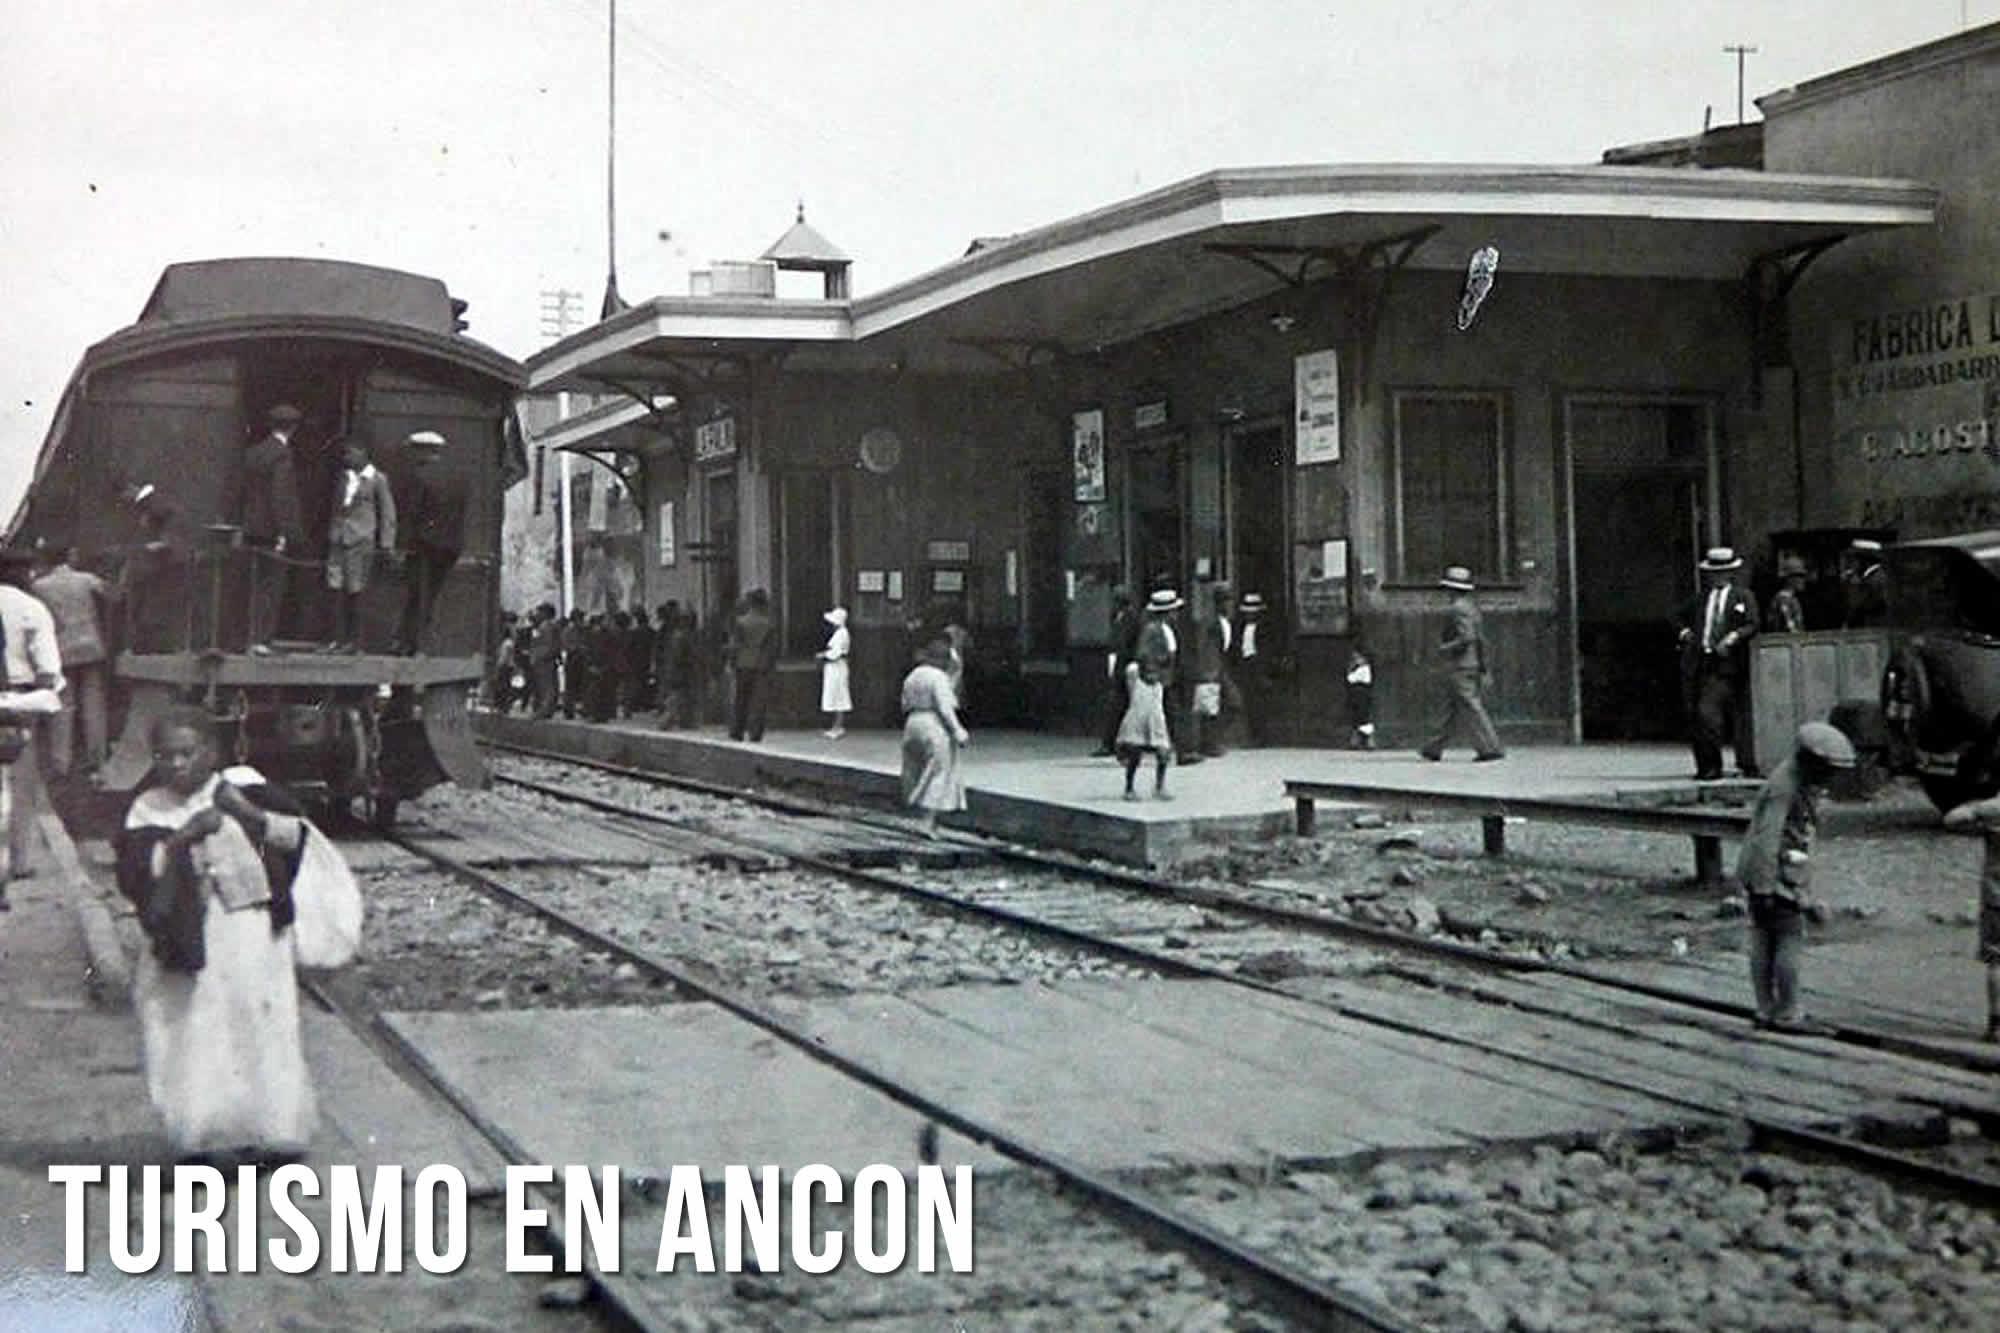 TURISMO EN ANCON | FERROCARRIL LIMA ANCON